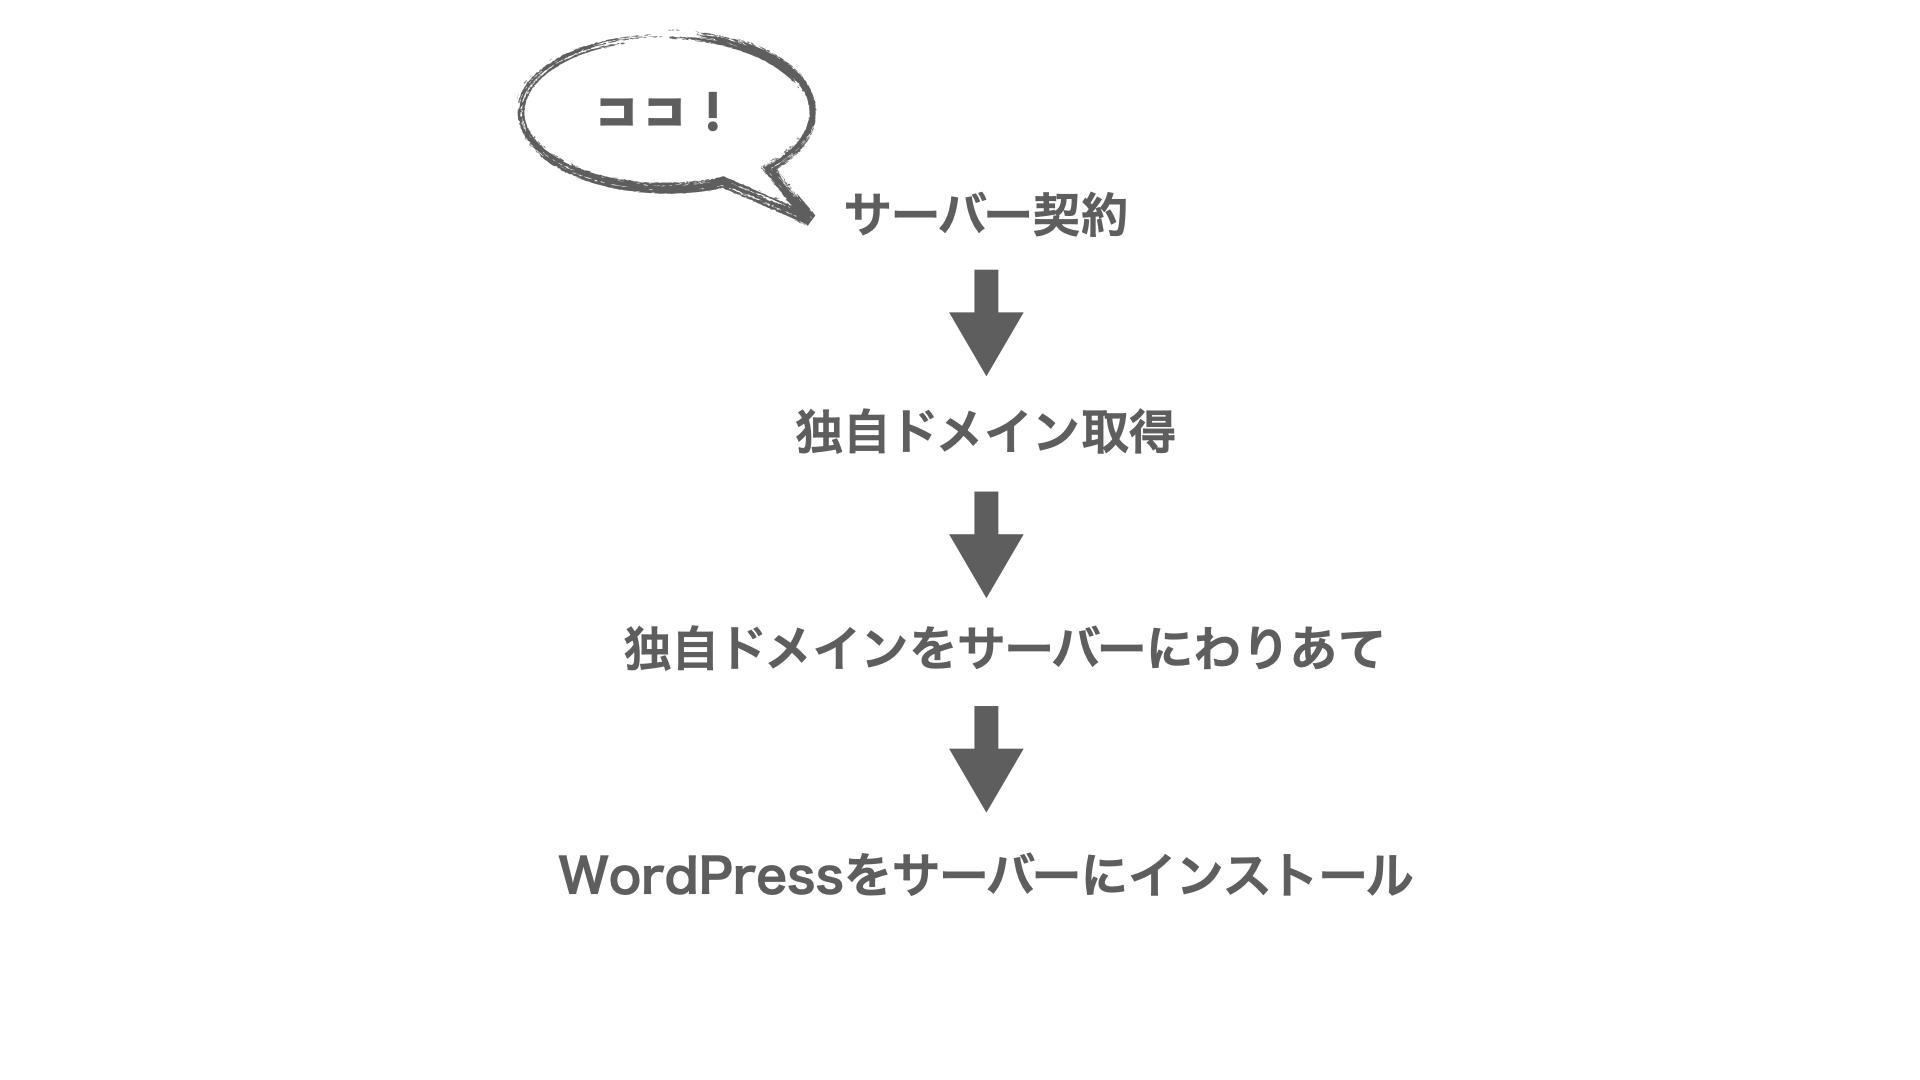 【サーバー契約】WordPressインストールの流れ-高画質.001